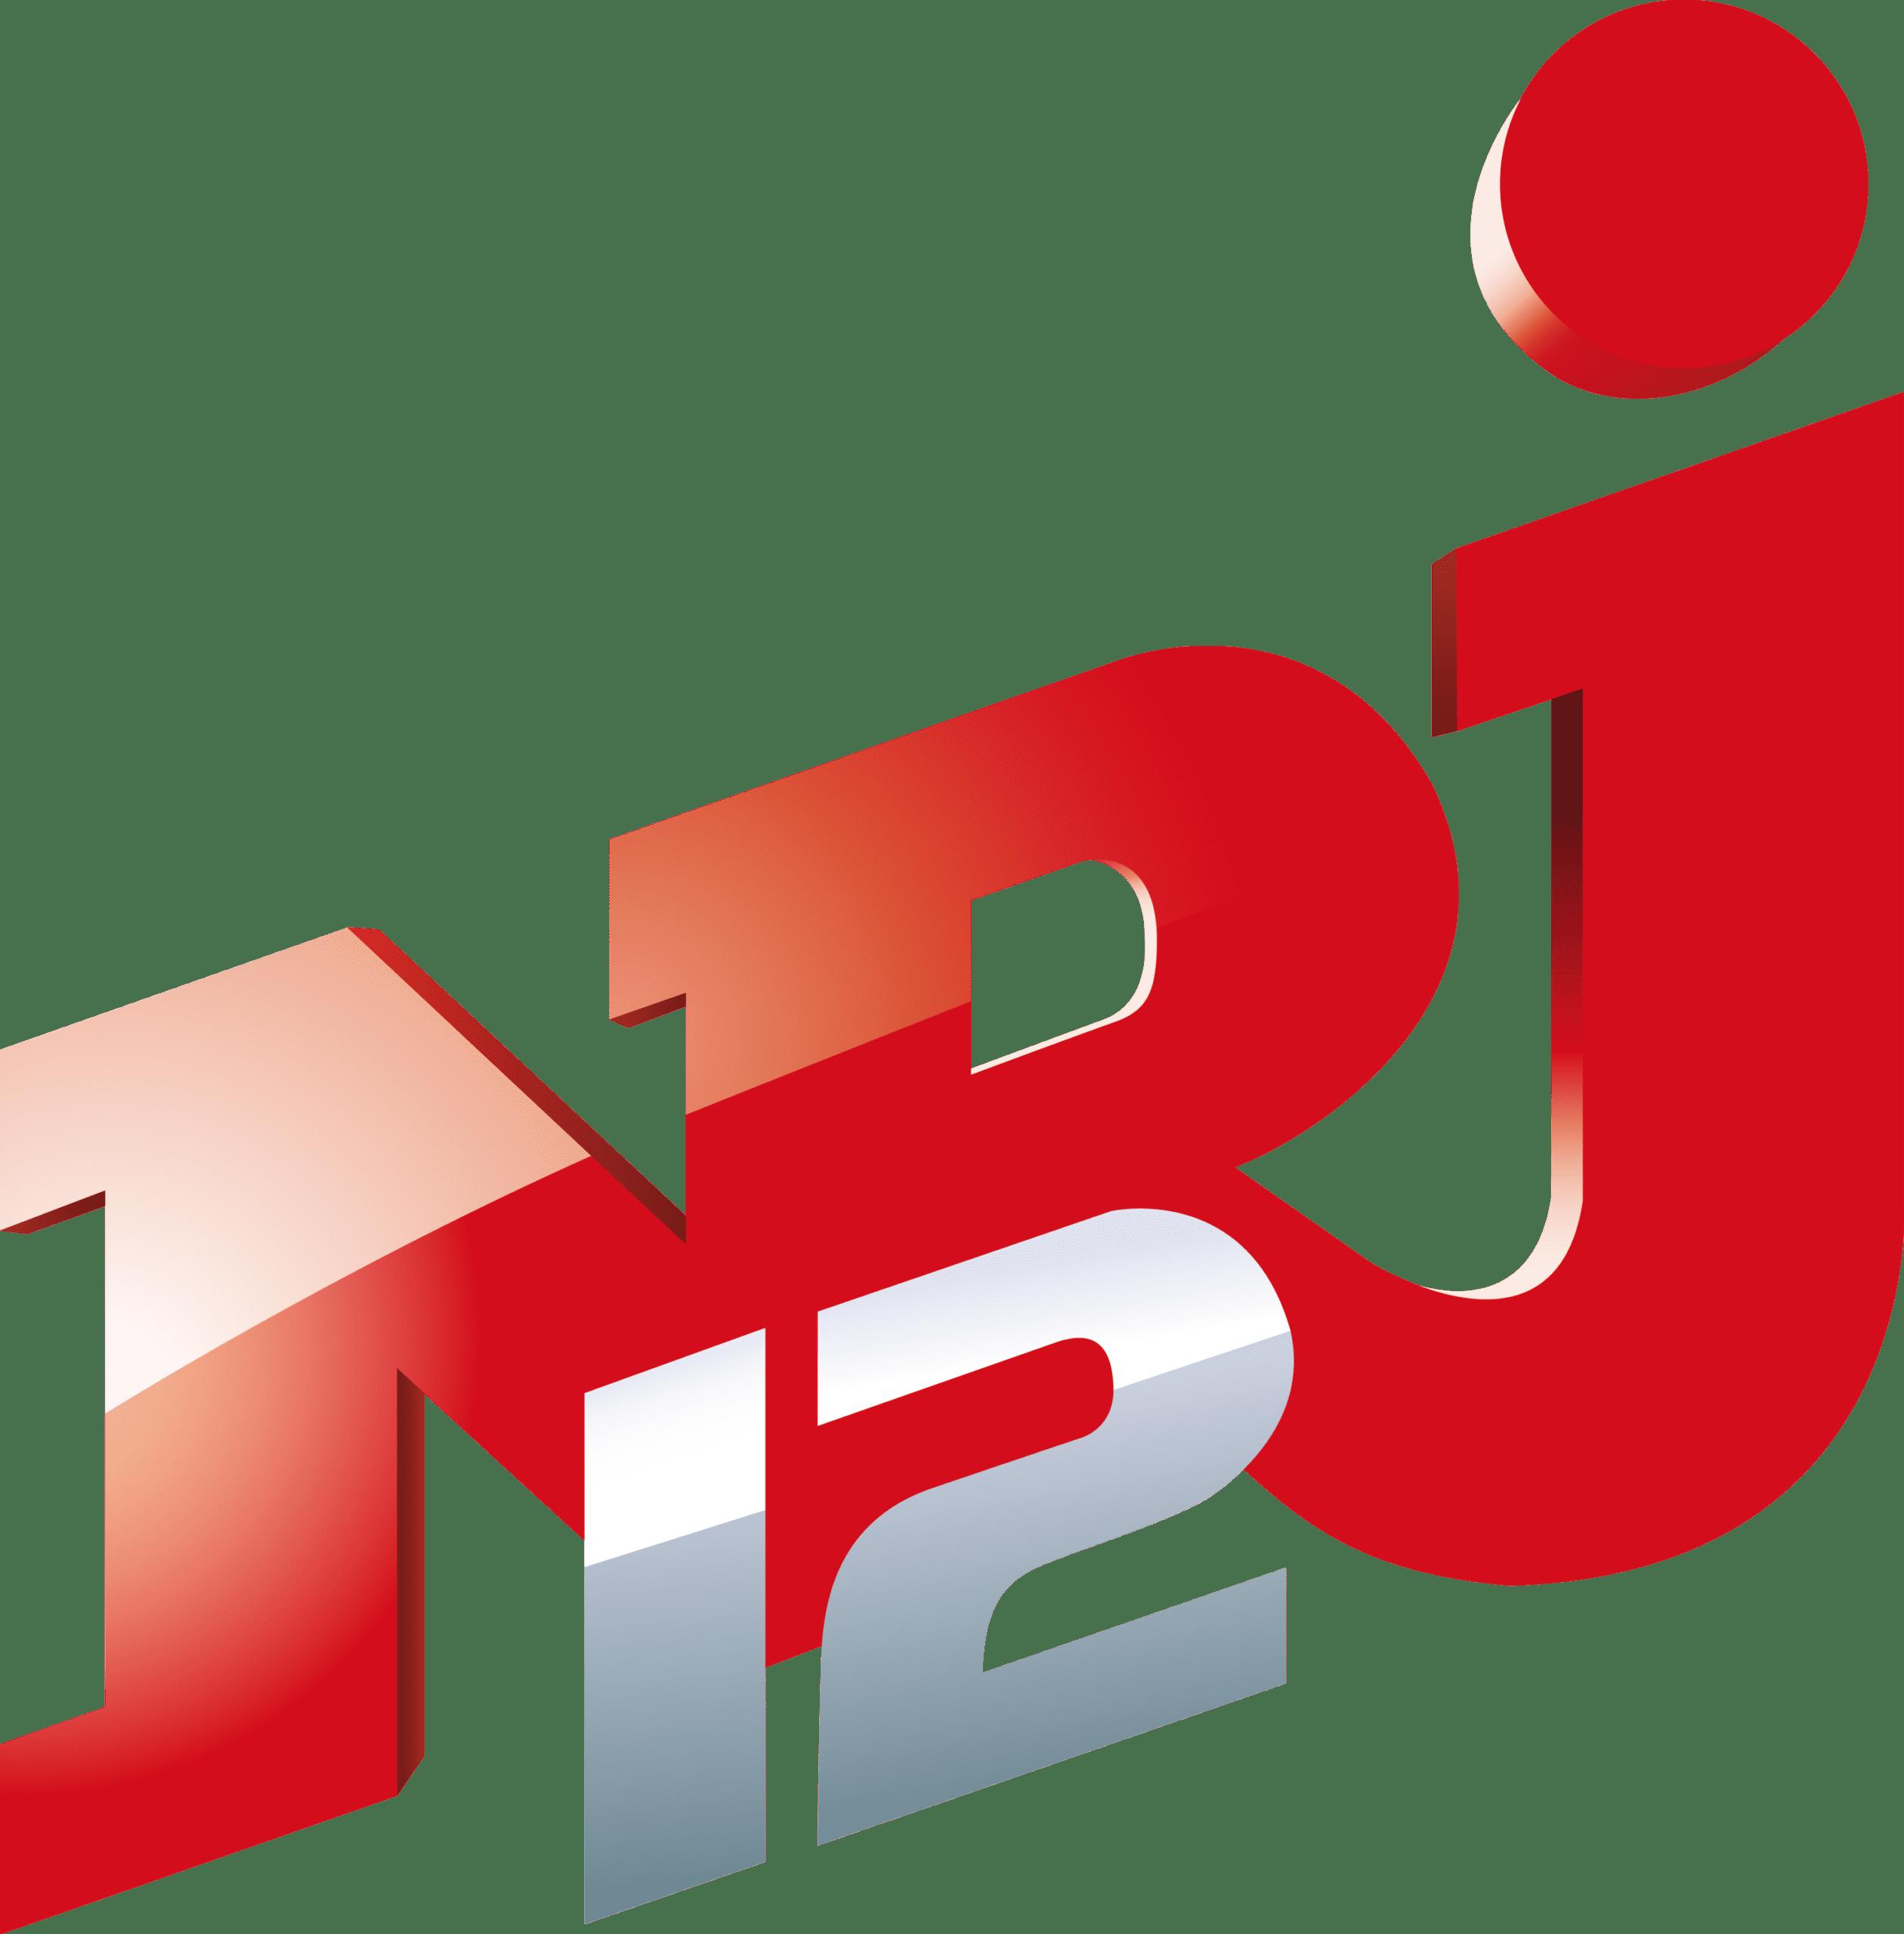 Nrj12 une t l r alit sur les ieuves prochainement for Nrj12 tele achat